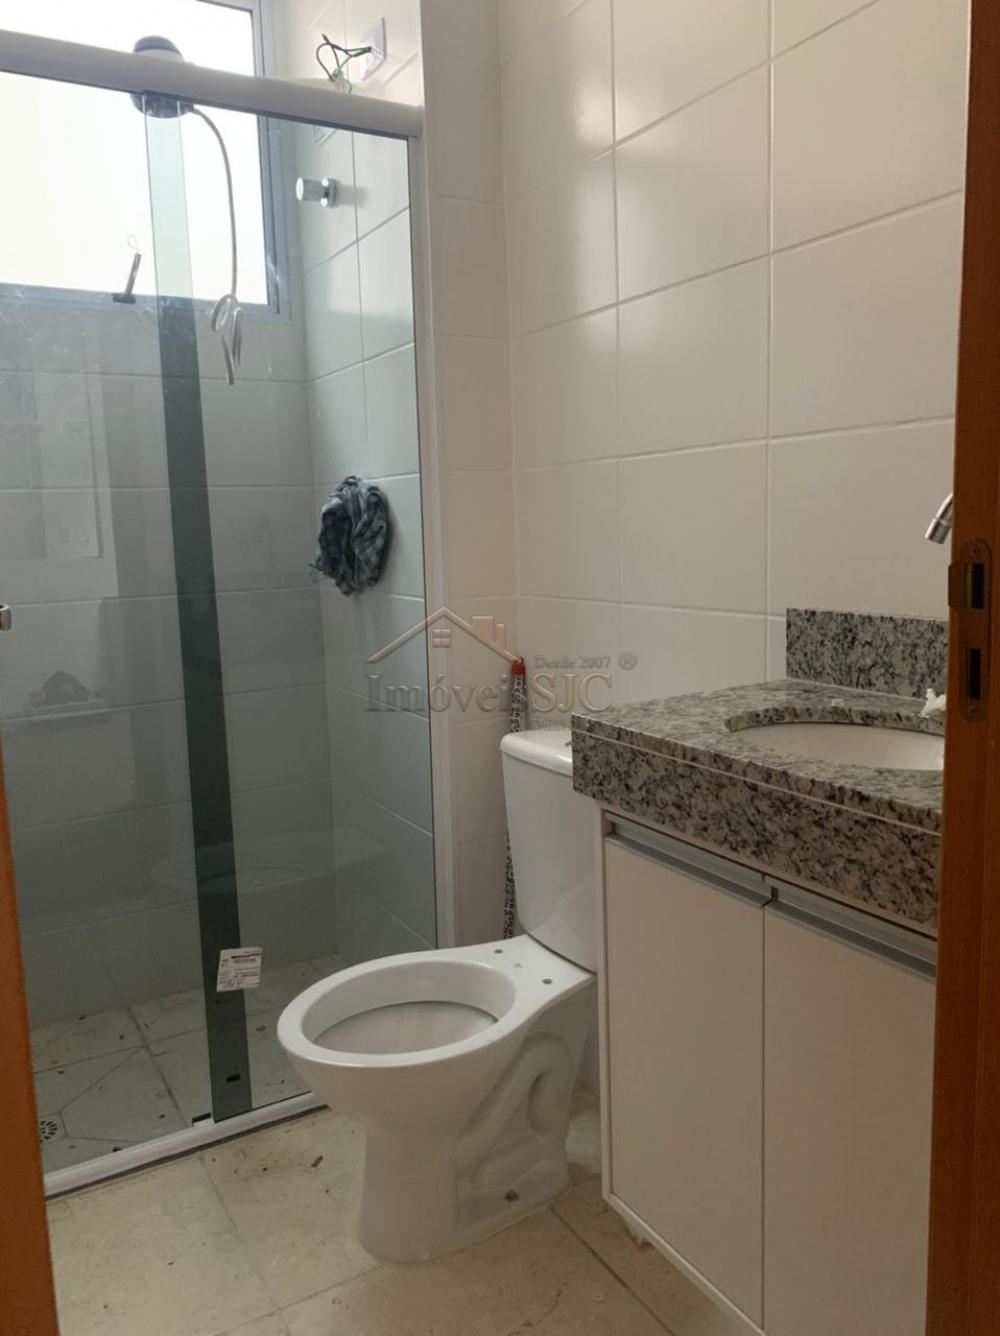 Alugar Apartamentos / Padrão em São José dos Campos R$ 1.100,00 - Foto 9